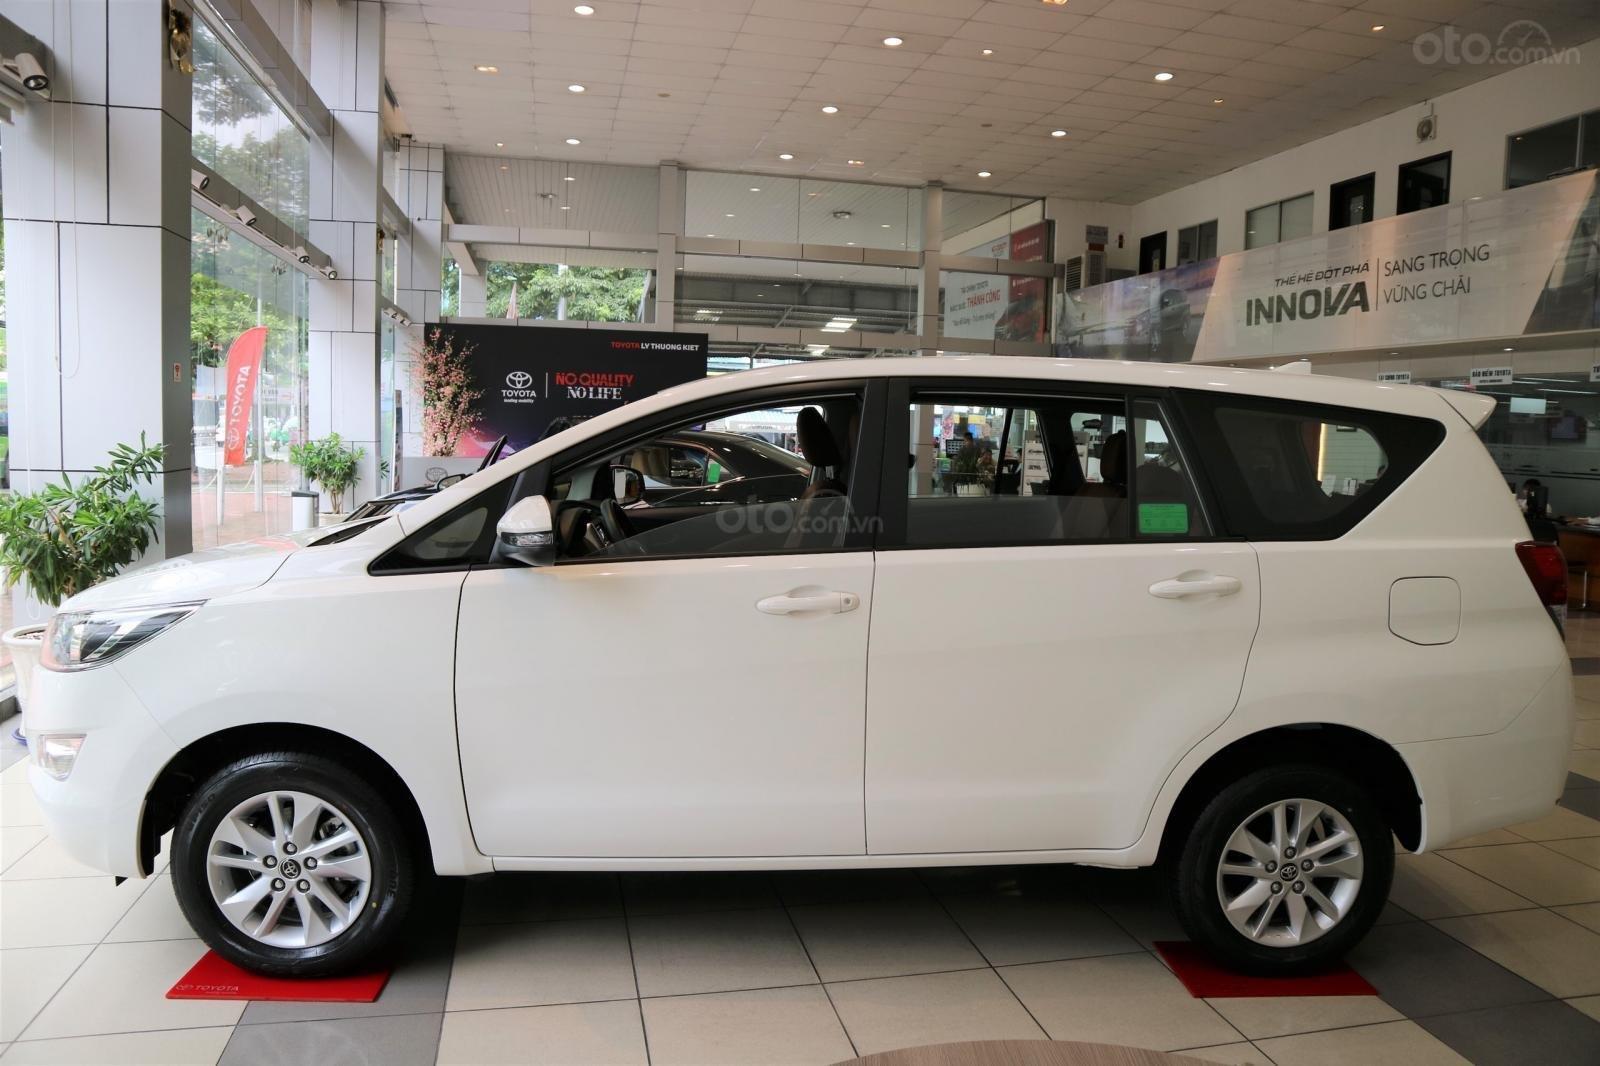 """Toyota Innova 2.0E MT khuyến mãi cực """" khủng"""" tại Toyota Lý Thường Kiệt, hỗ trợ góp 80% xe sẵn đủ màu giao ngay (1)"""